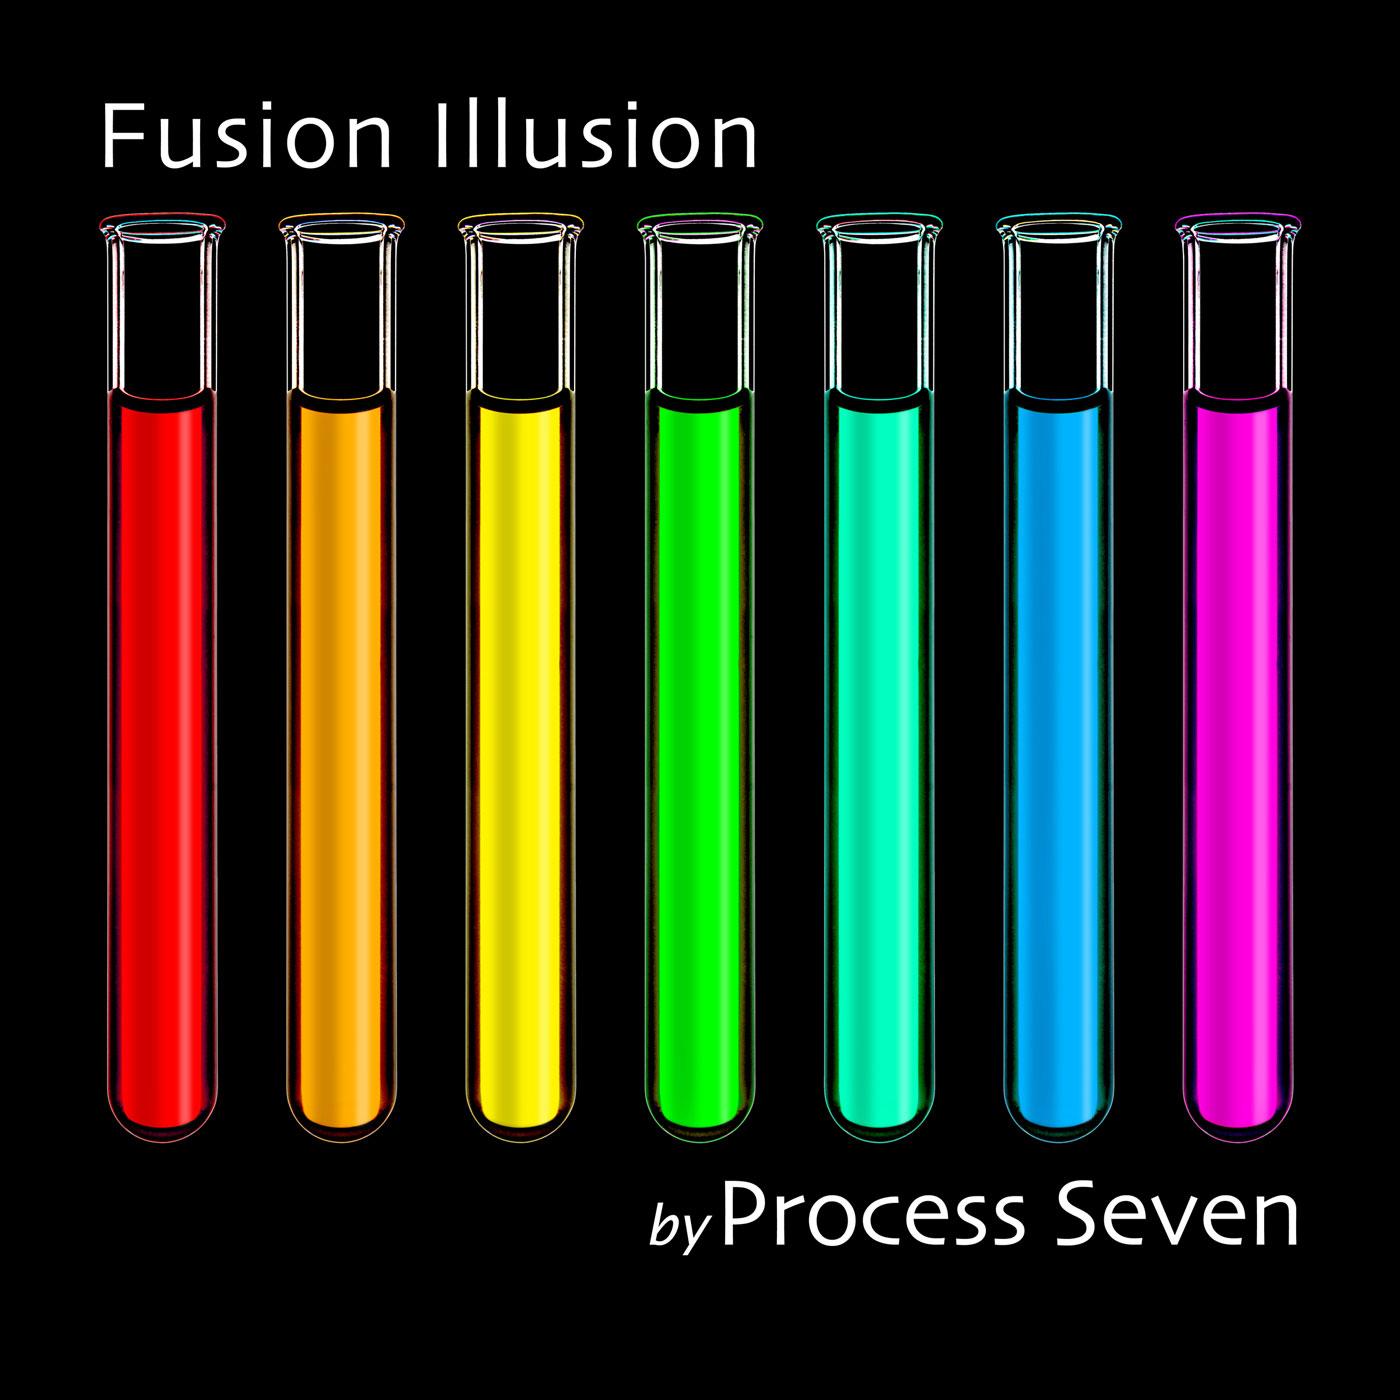 Fusion-Illusion-cover-Square-1400-web-lo